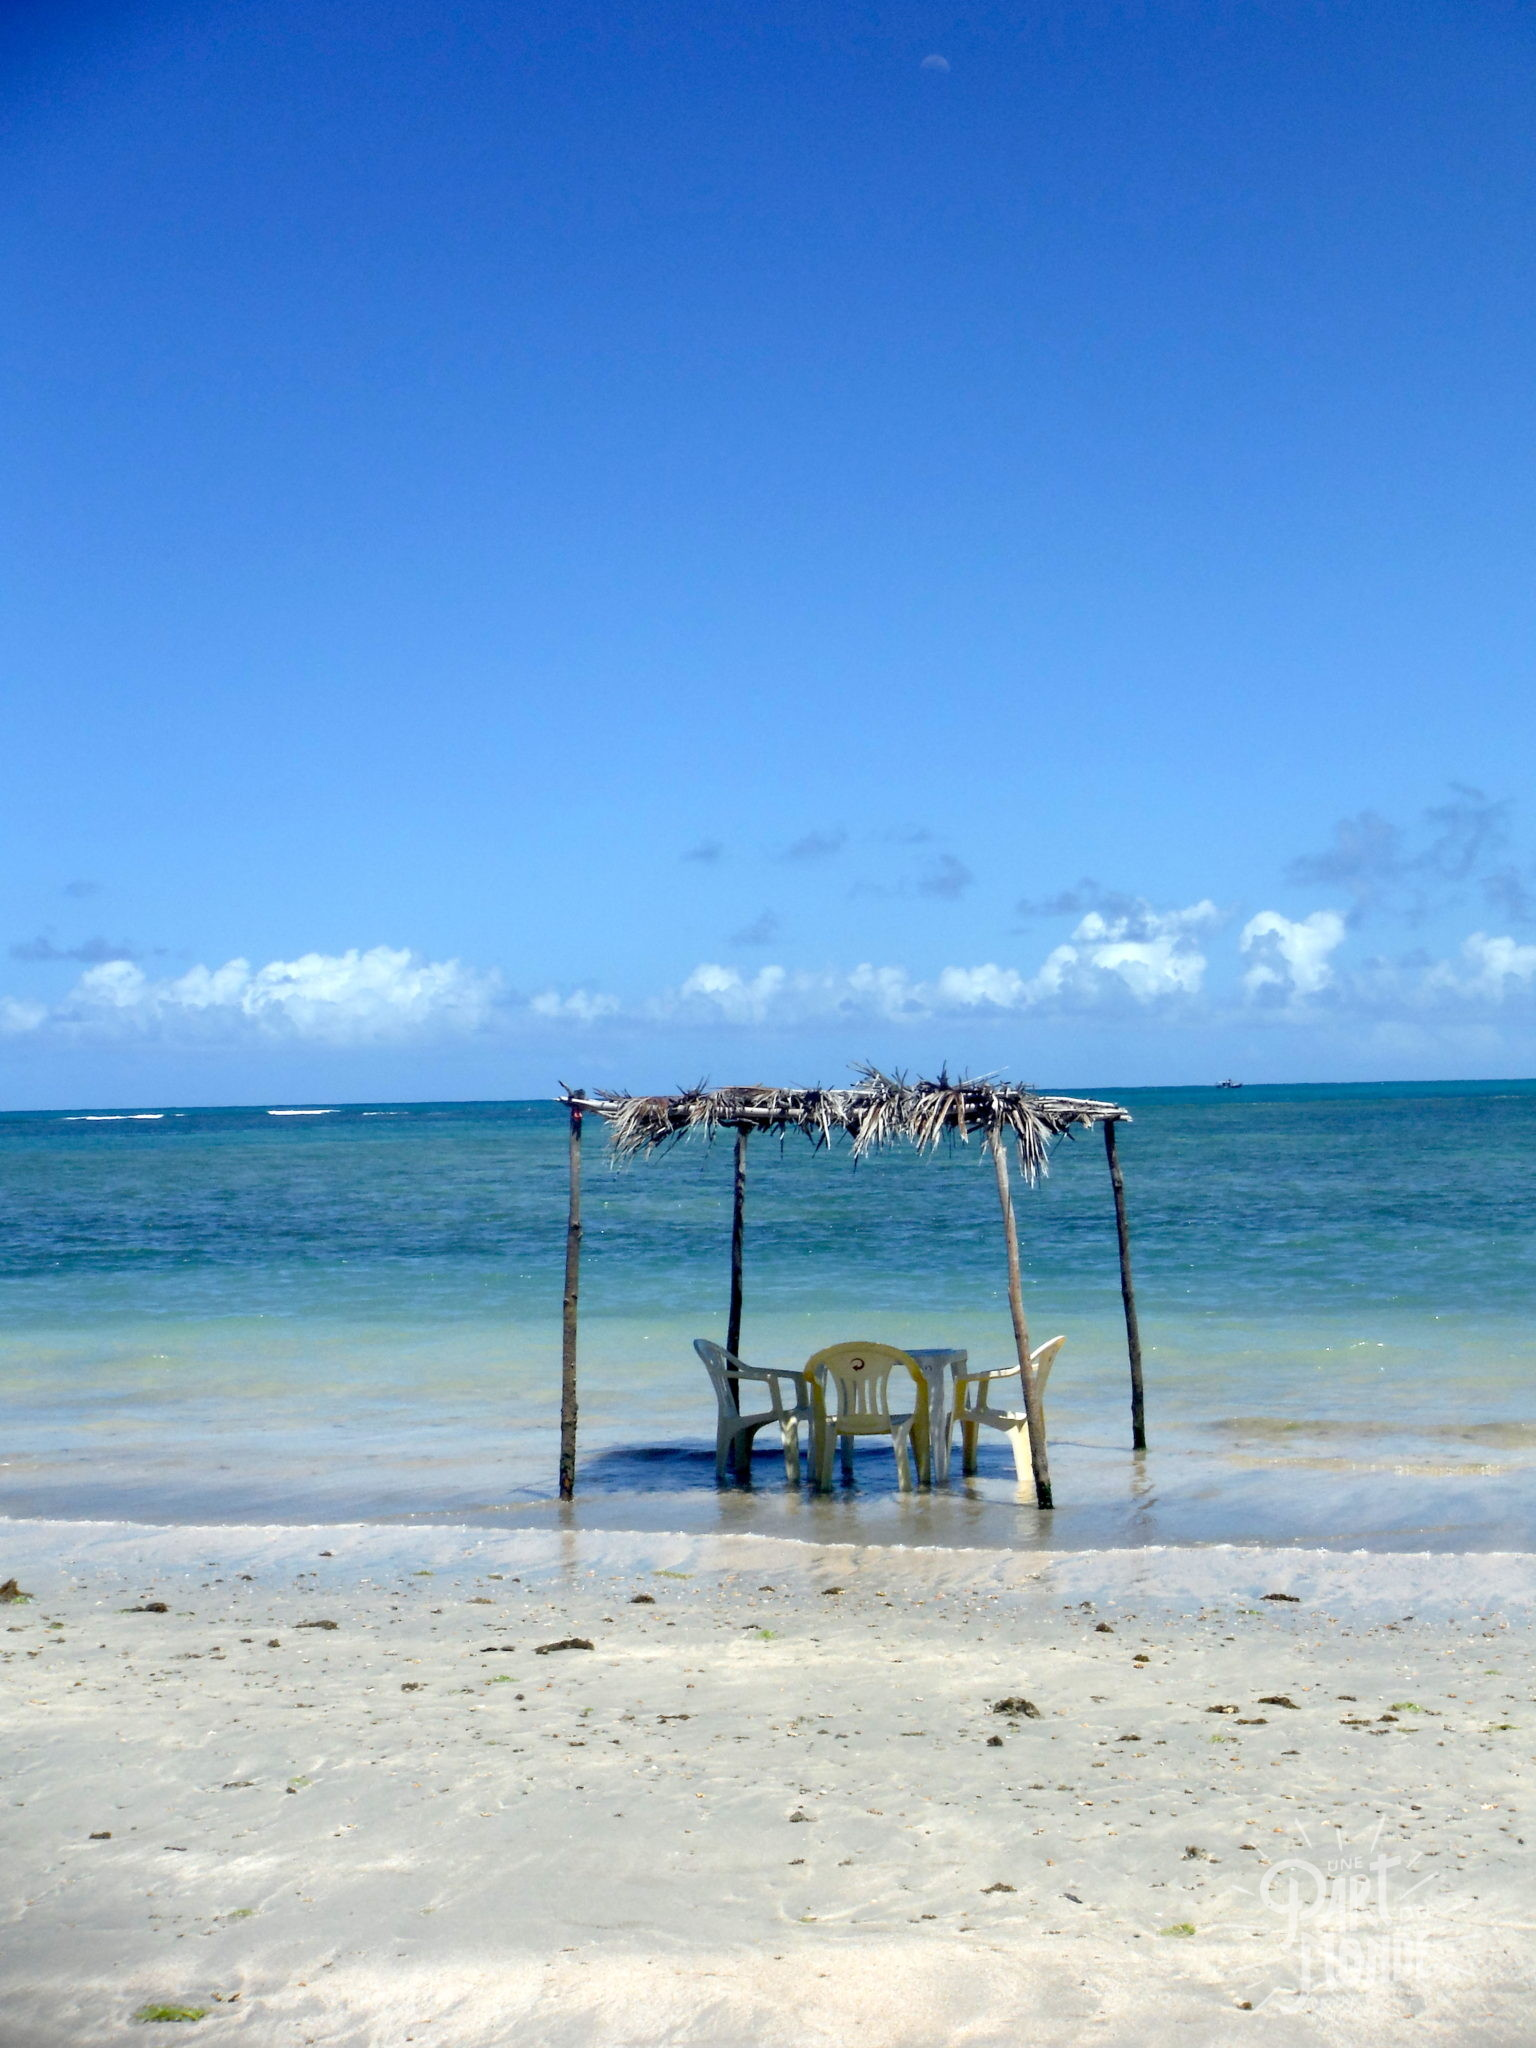 île de tinharé boipeba ile déserte